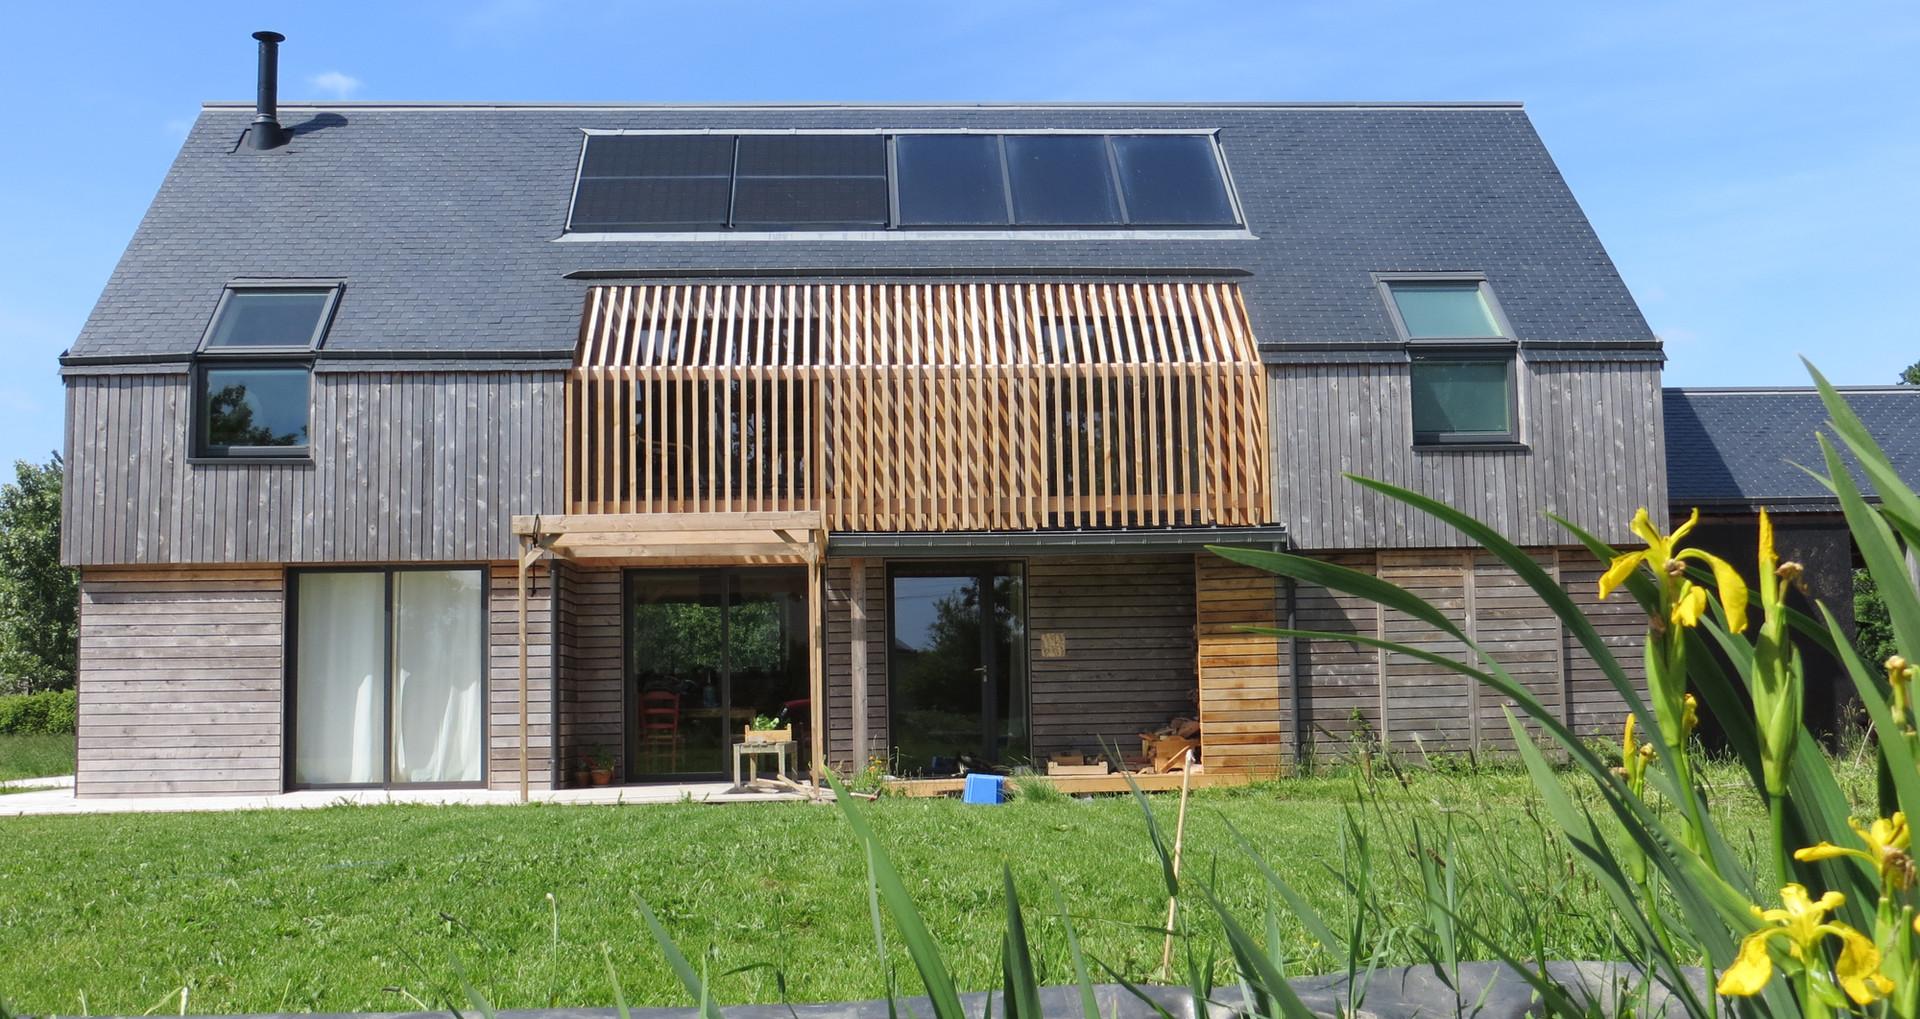 Maison 150 m2,  chauffage + électricité + cuisine = 35€/mois